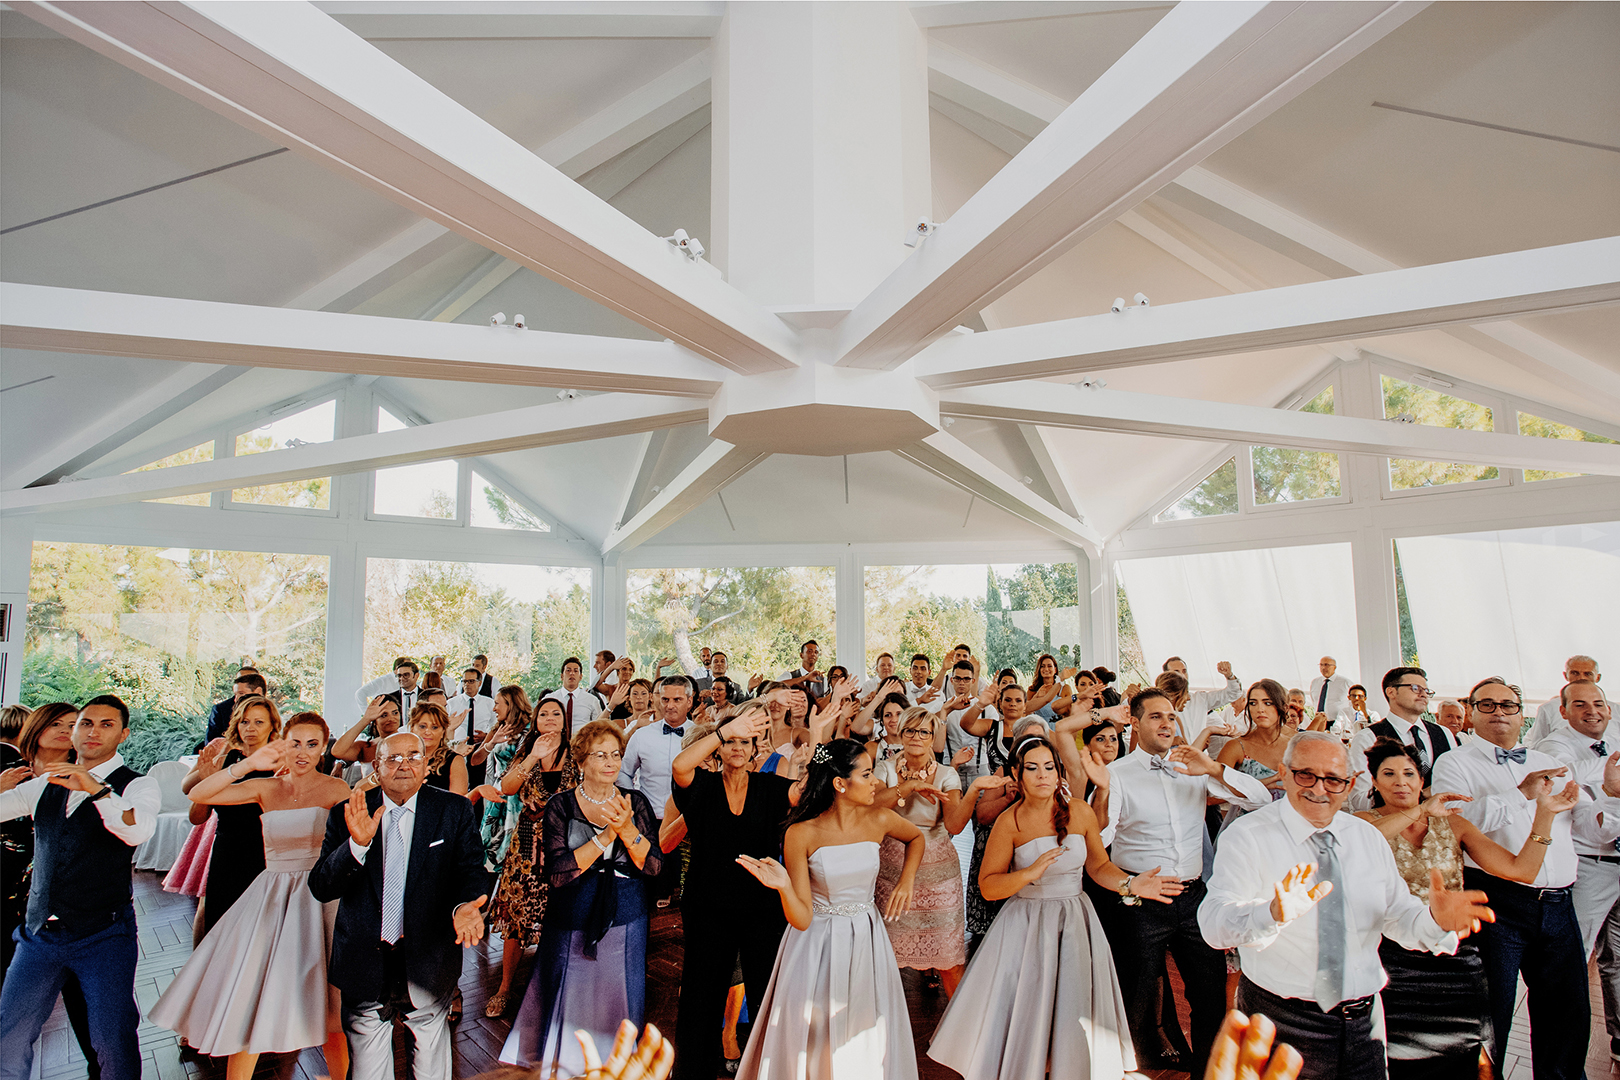 56 gianni-lepore-ballo-sposi-invitati-torre-andriana-foggia-sala